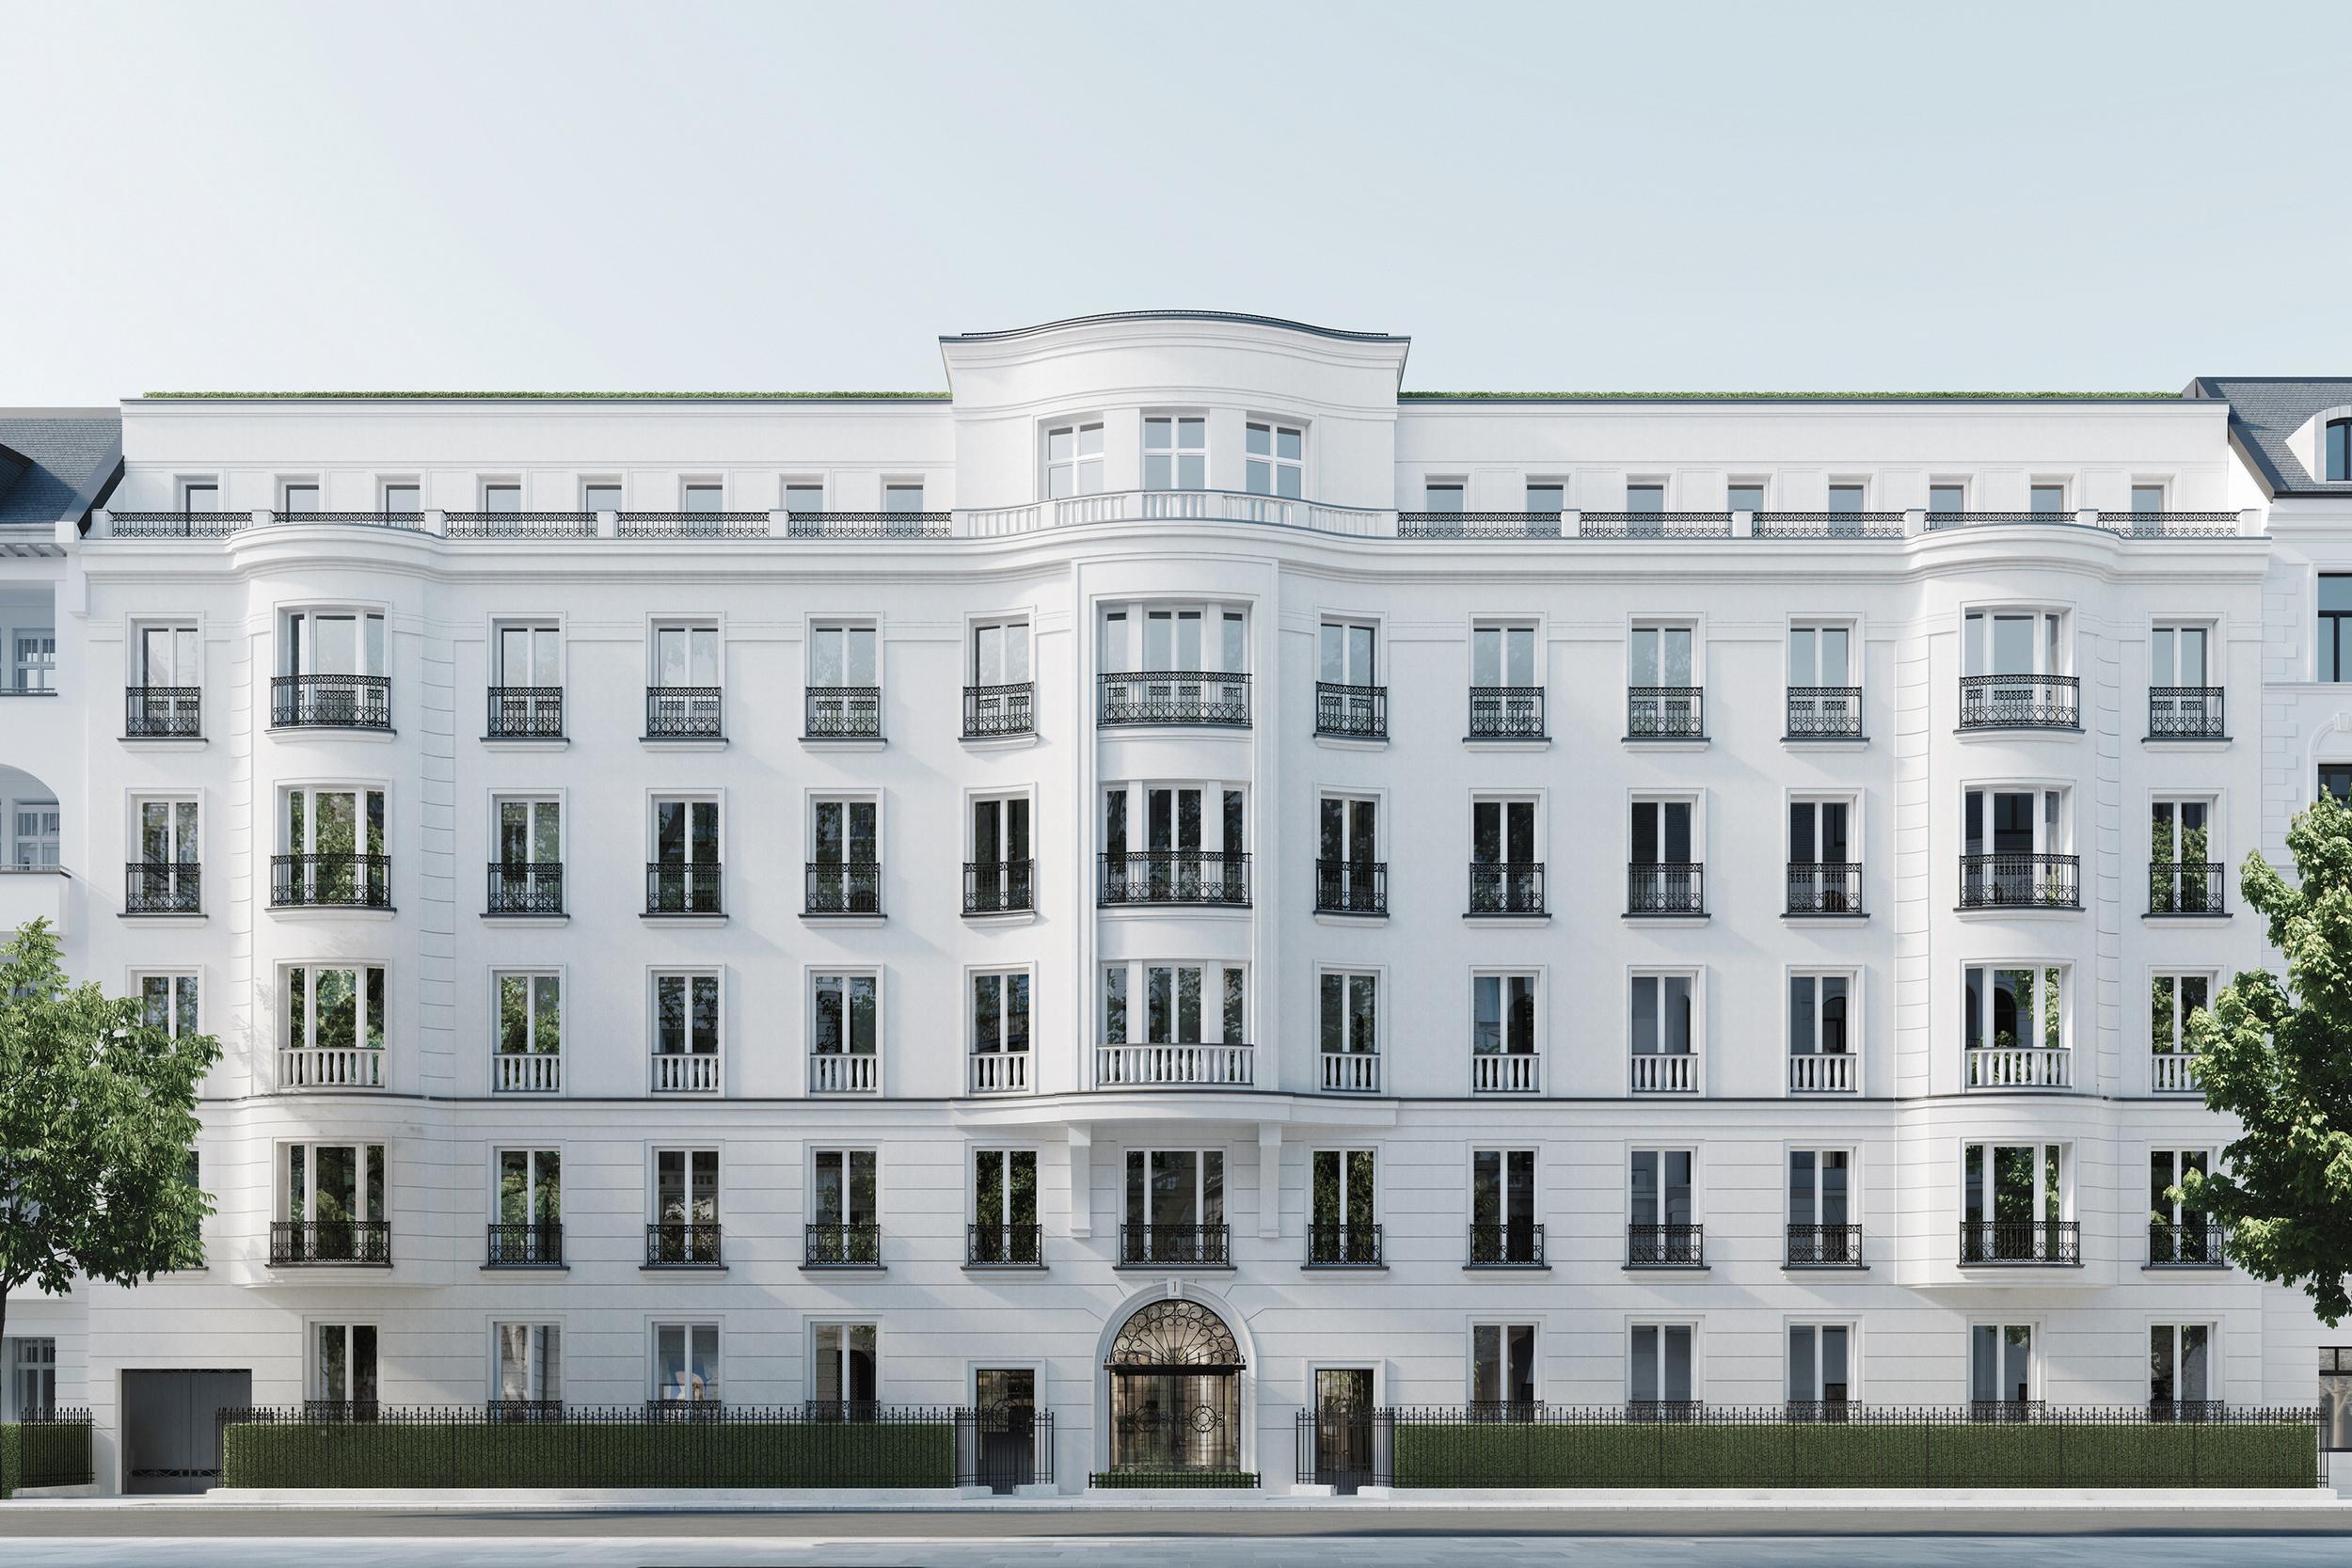 Eisenzahn 1 is located in Charlottenburg